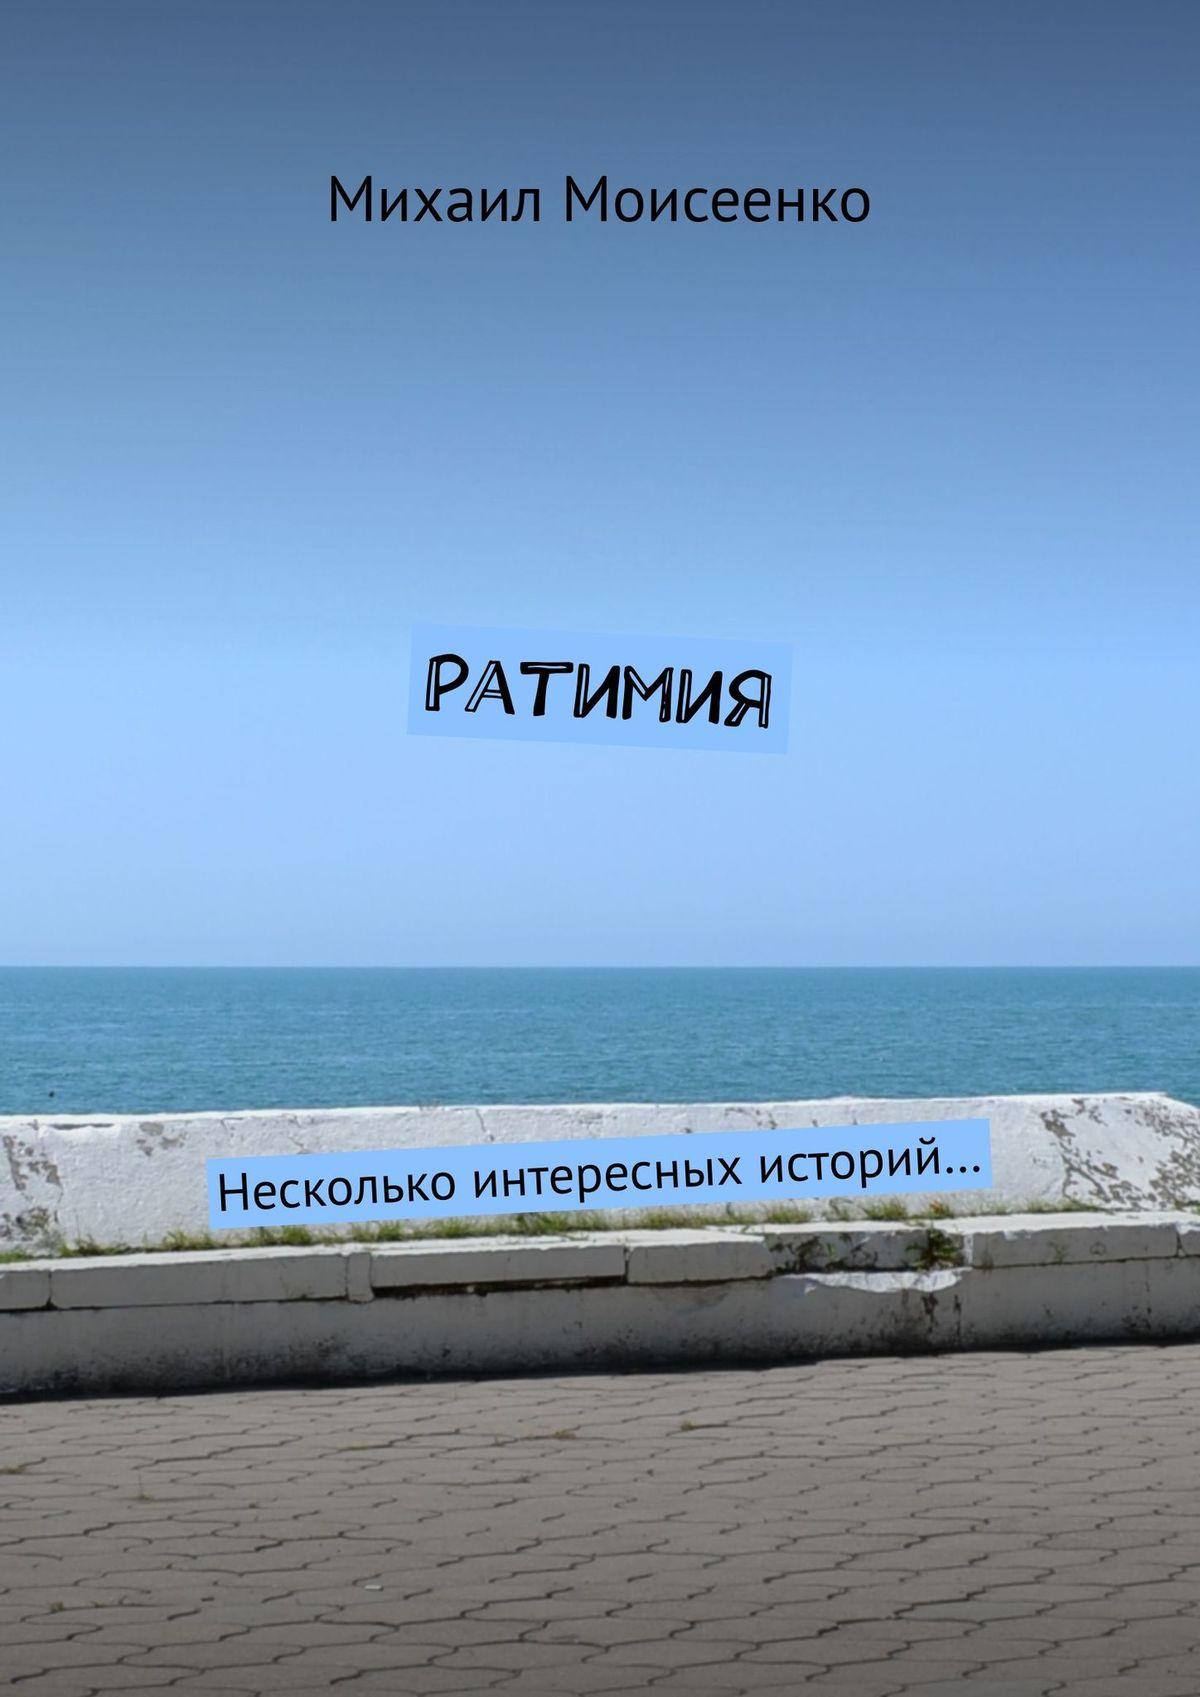 Михаил Моисеенко - Ратимия. Сборник рассказов